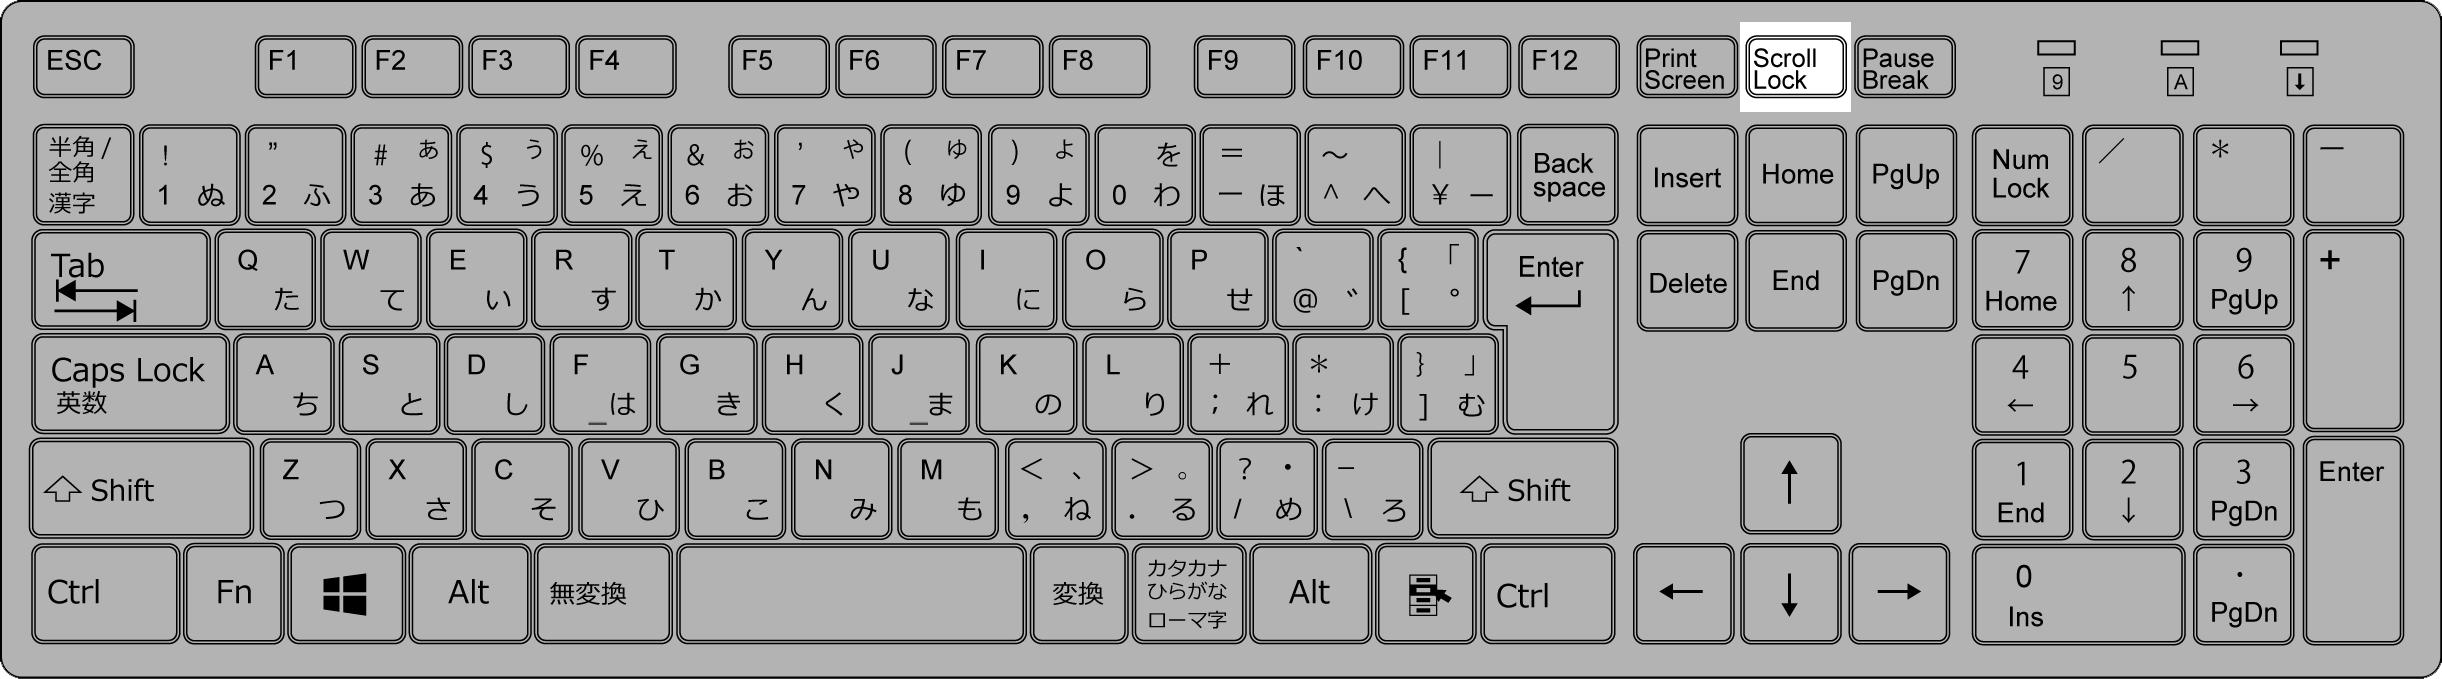 【エクセル時短】矢印キーを押すと画面がスクロールしてしまう!「ScrollLock問題」の原因と対策